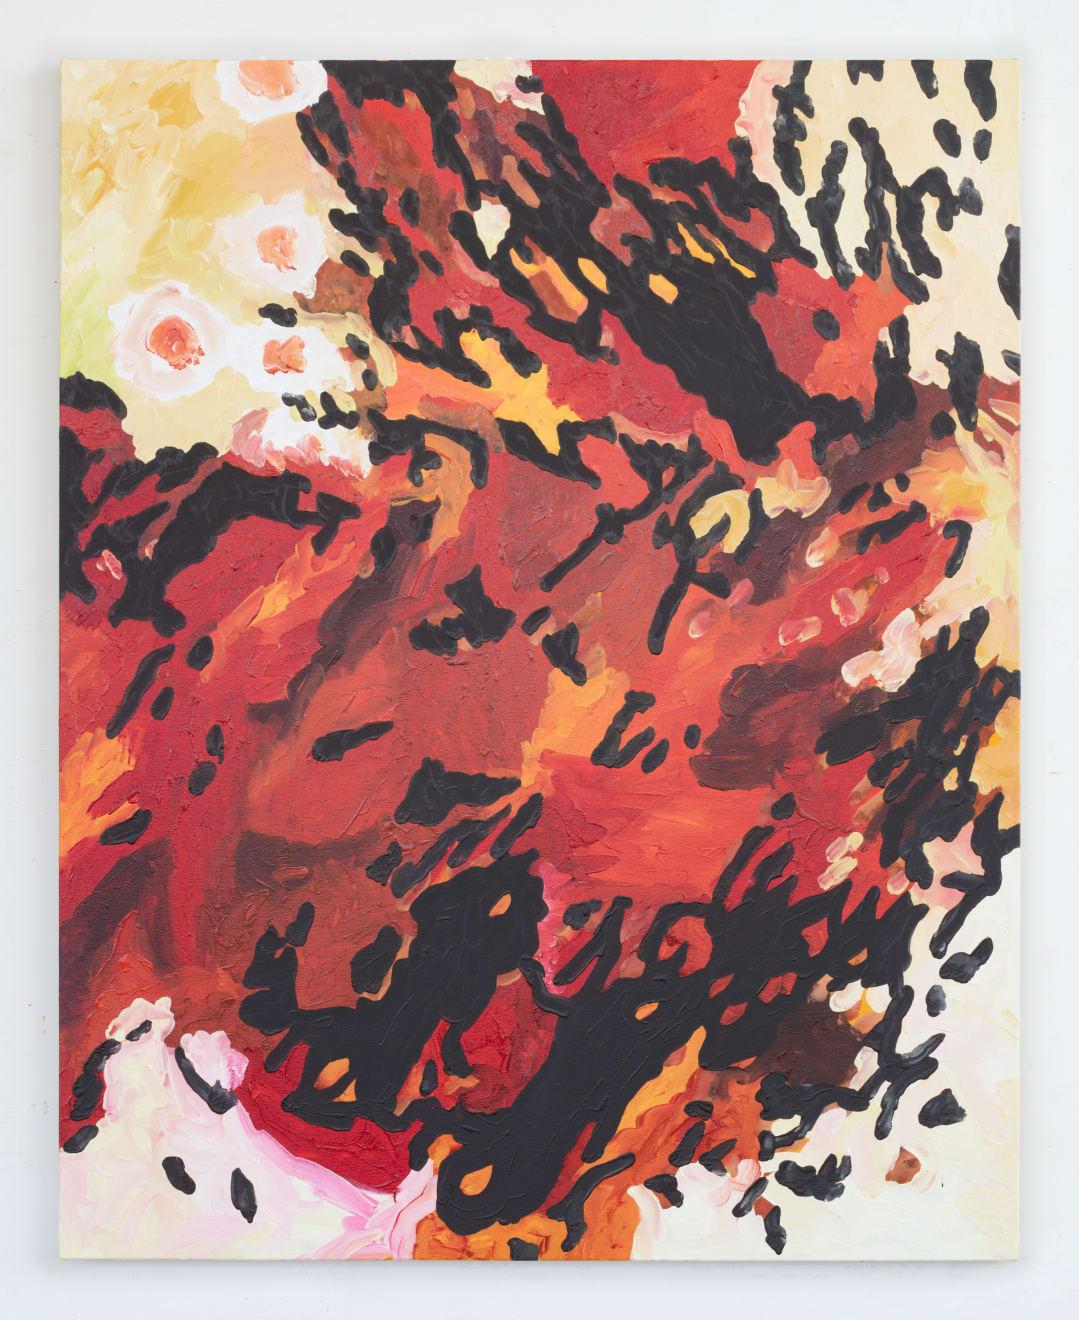 Rob Ventura, Euonymus Elatus (Burning Bush II), 2017